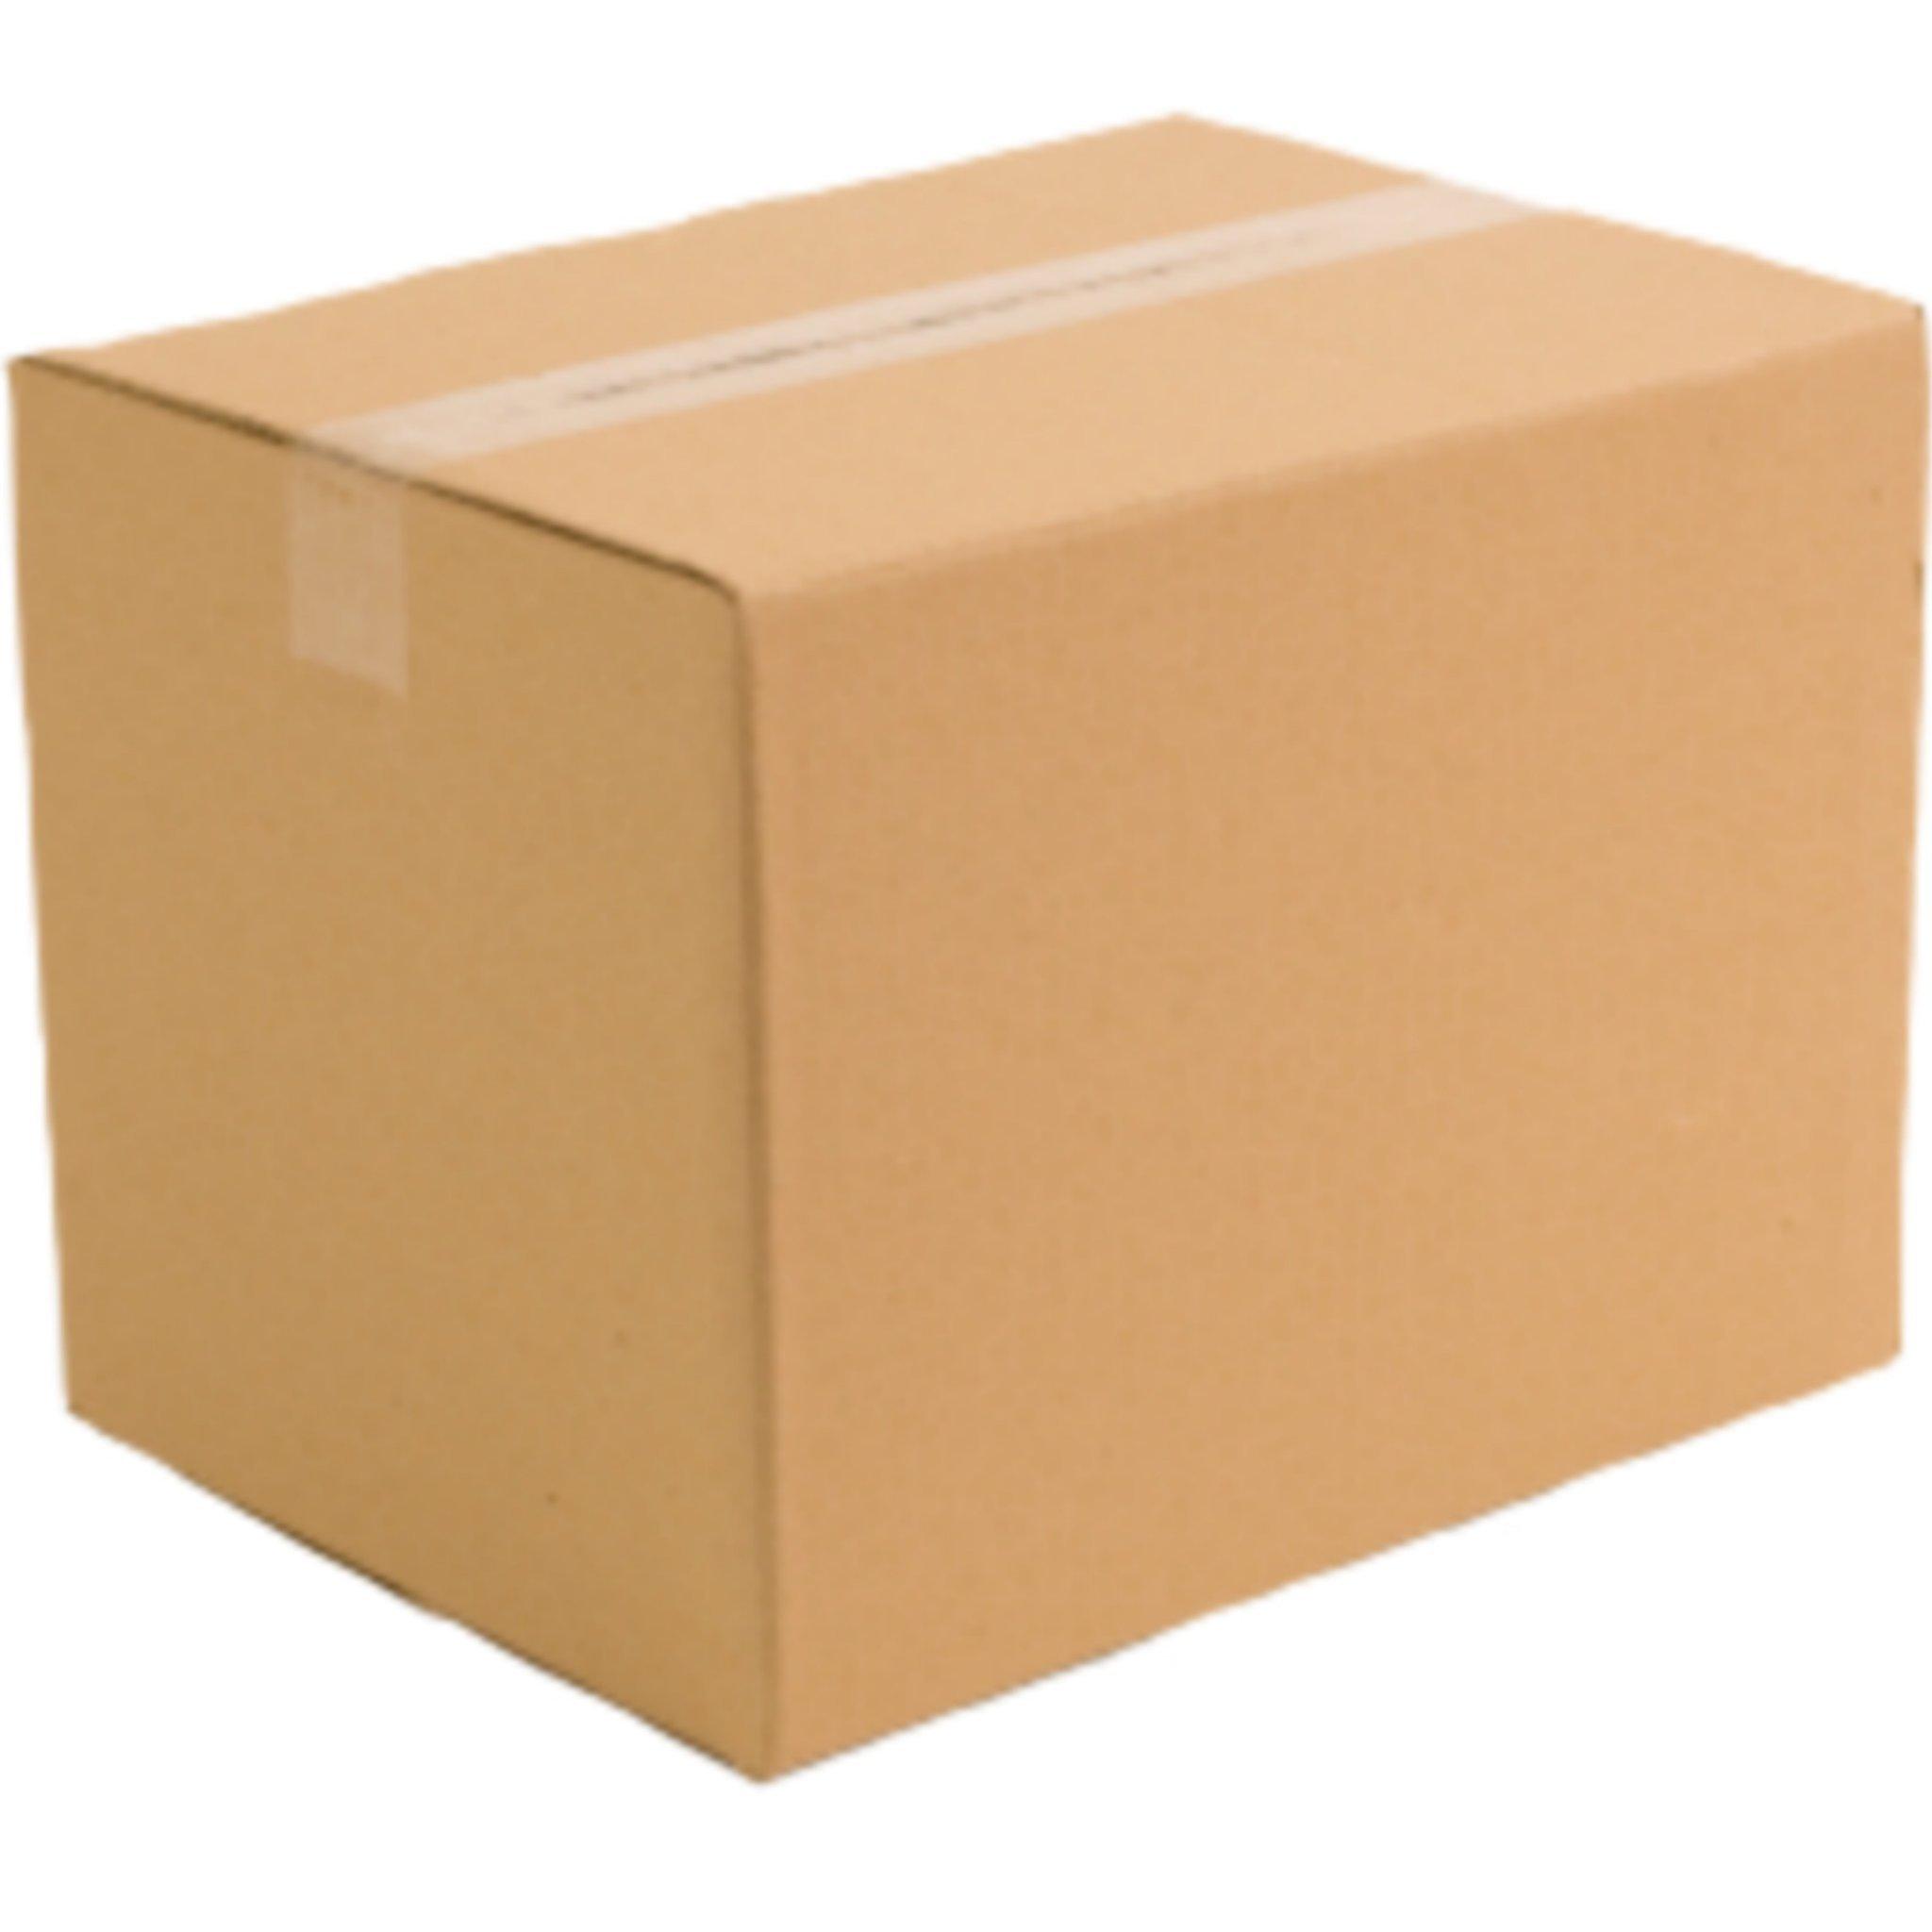 Box - meme